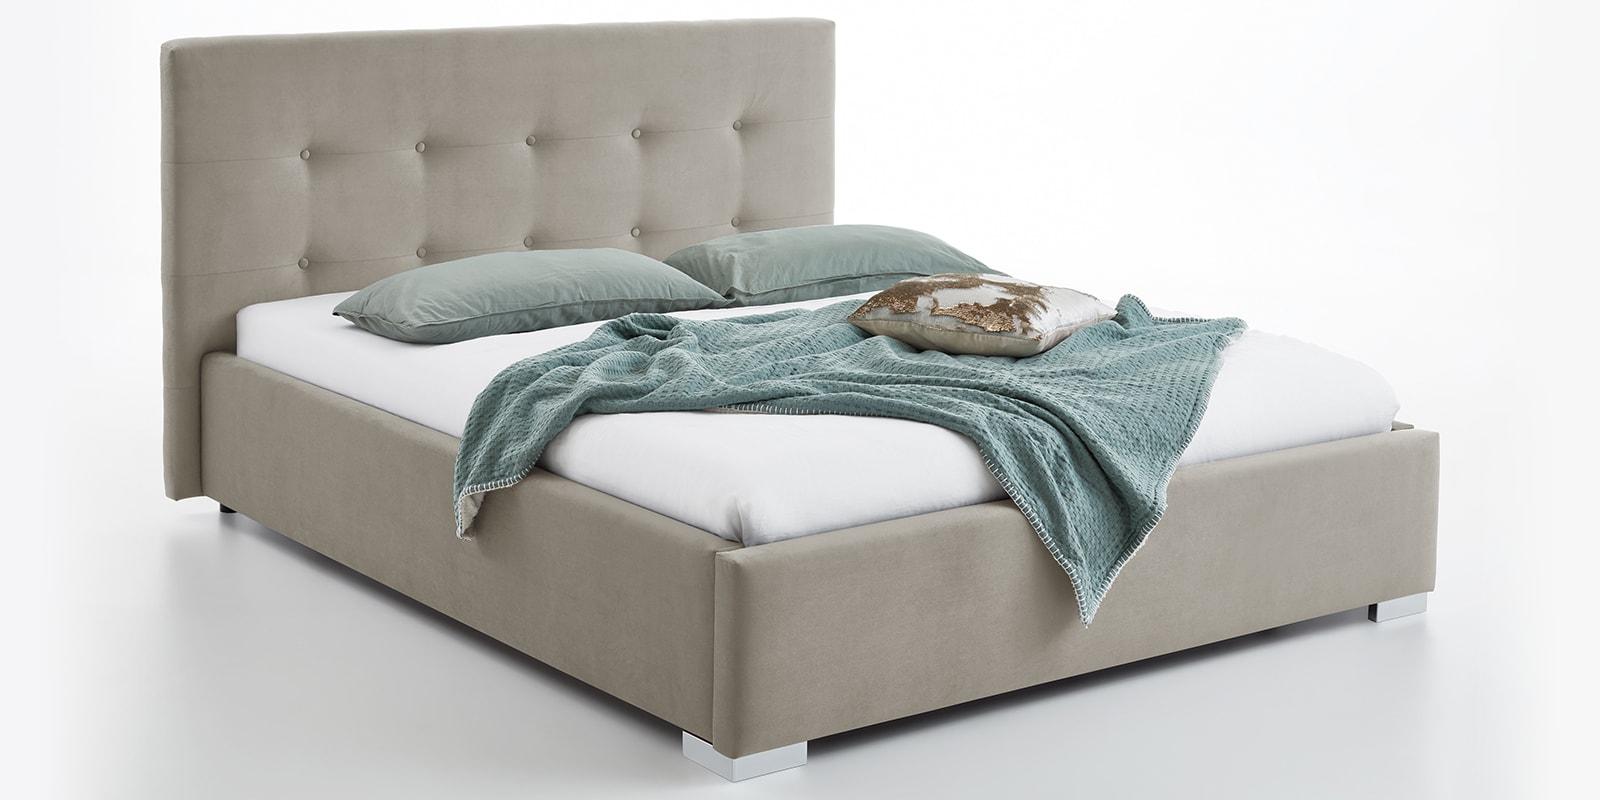 Moebella24 - Bett - mit - Bettkasten - Betty - Samt - Altweiß - Stauraum - Kopfteil - mit - Knopfheftung